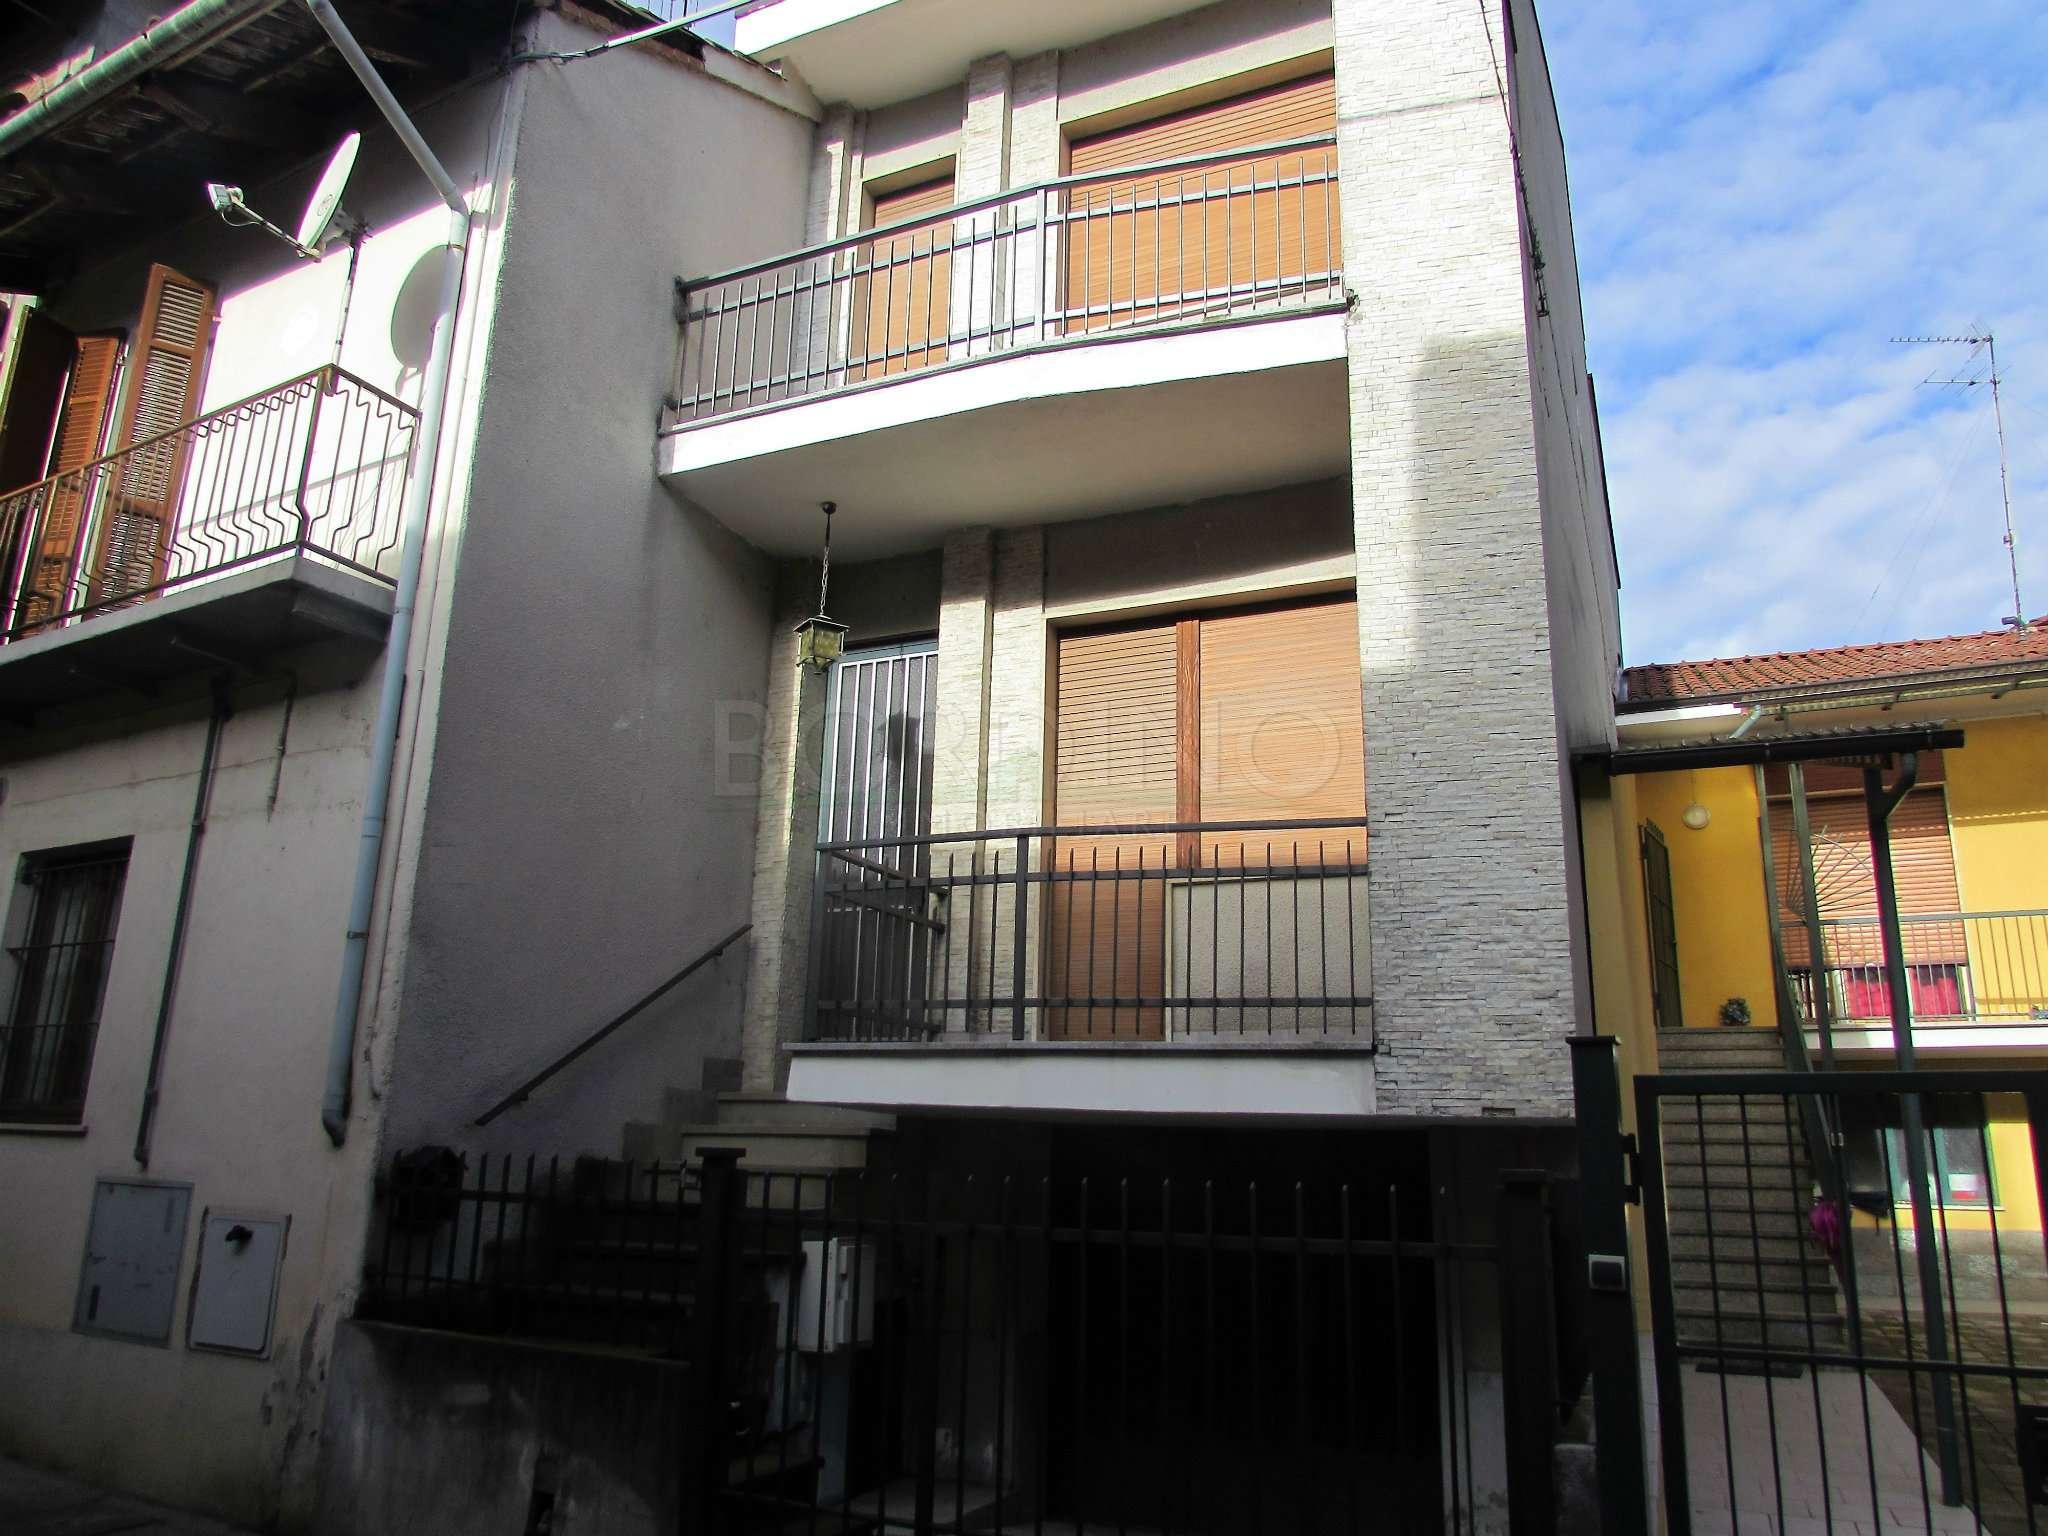 Palazzo / Stabile in affitto a Canale, 4 locali, prezzo € 400 | CambioCasa.it